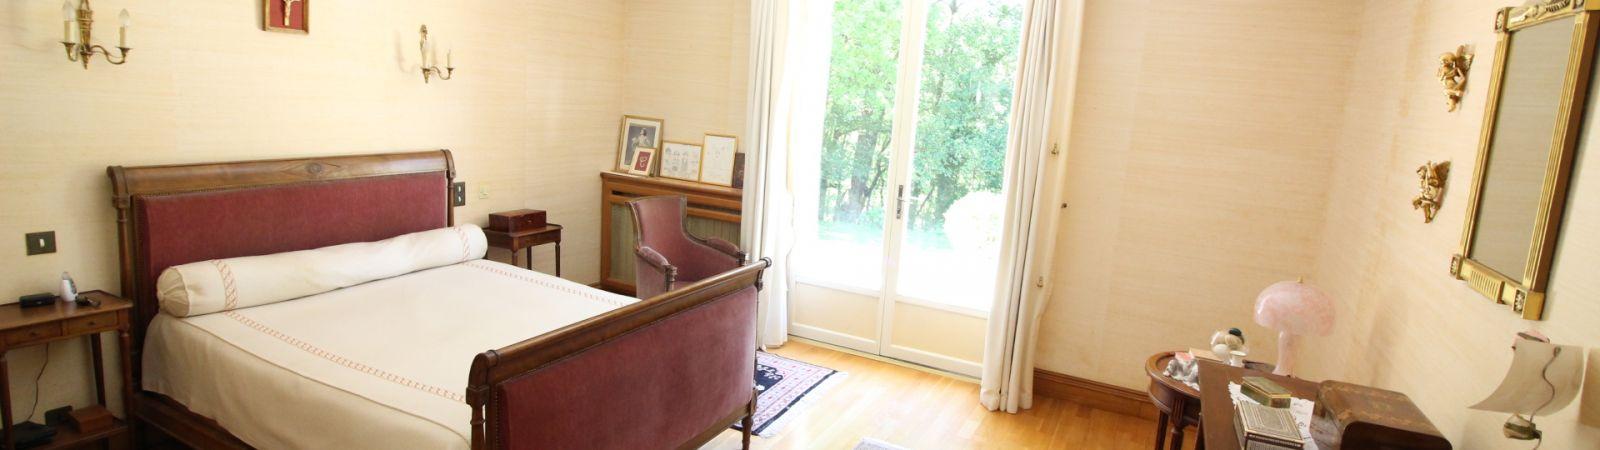 photo 6: Maison située dans un secteur calme et recherché de Vannes